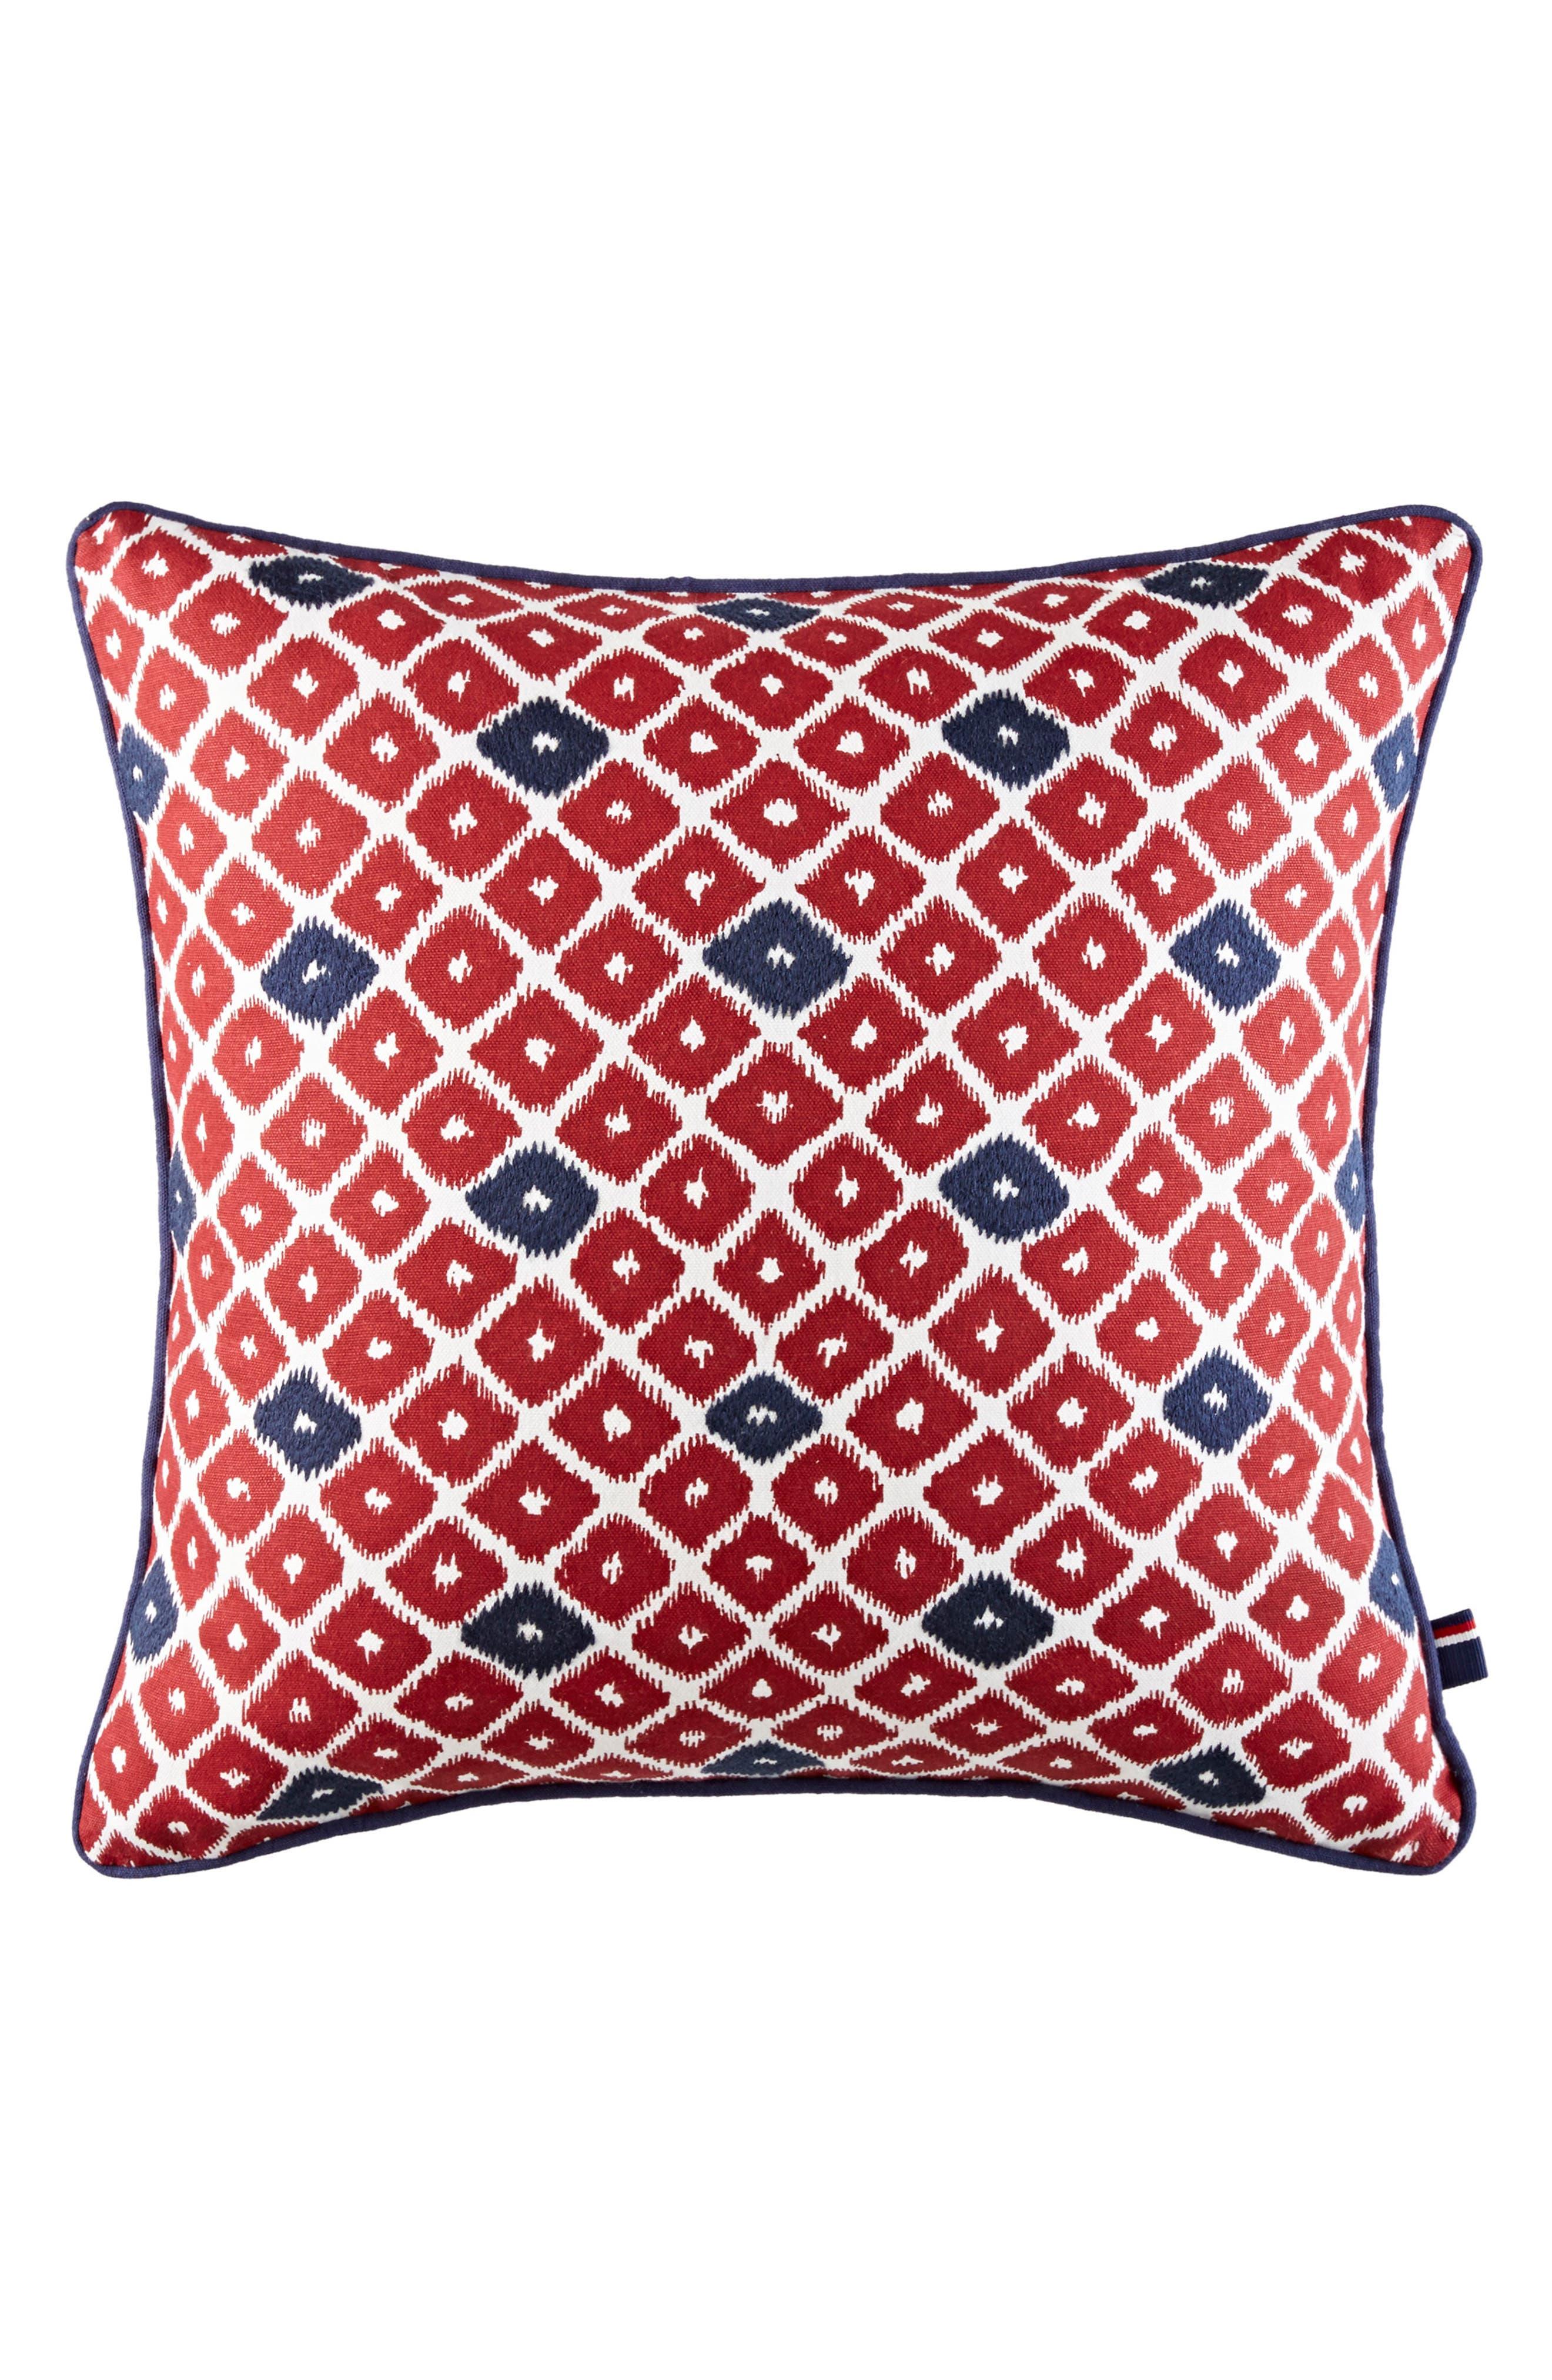 Ellis Diamond Accent Pillow,                             Alternate thumbnail 2, color,                             600